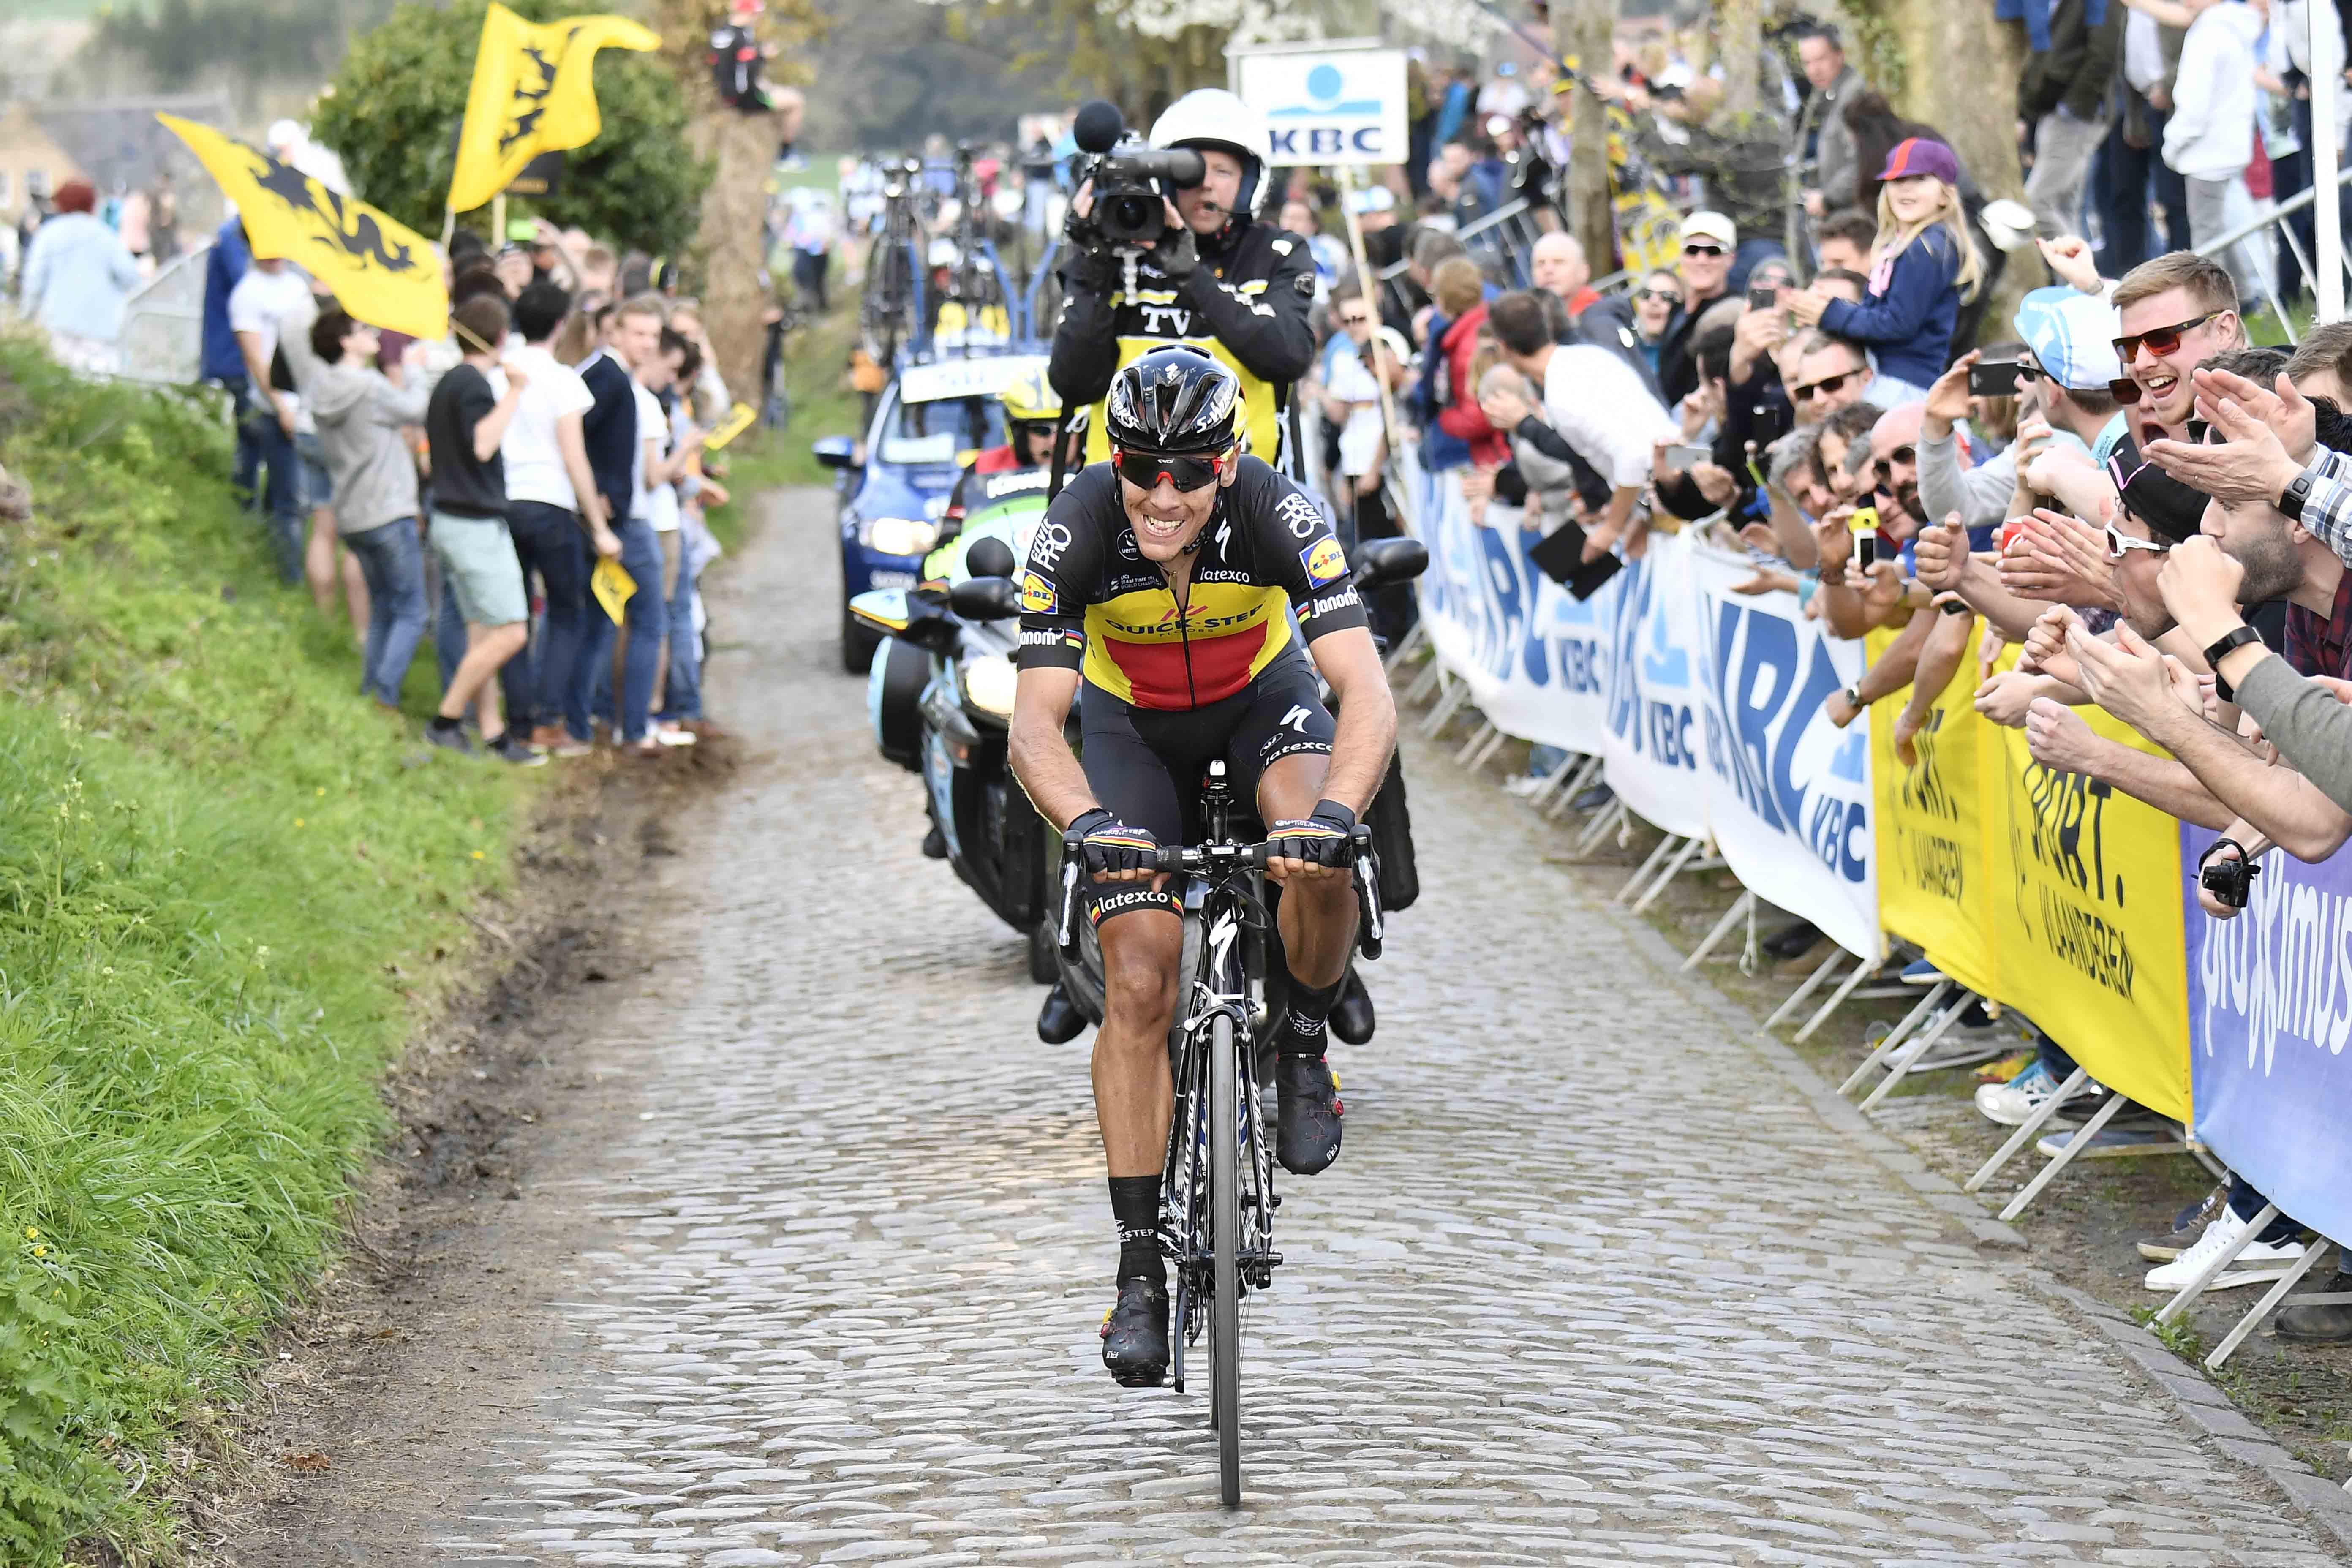 Cycling: 101st Tour of Flanders 2017 / Men Philippe GILBERT (BEL)/ Oude Kwaremont / Antwerpen - Oudenaarde (260Km)/ Ronde van Vlaanderen / RVV / pool dw © Tim De Waele